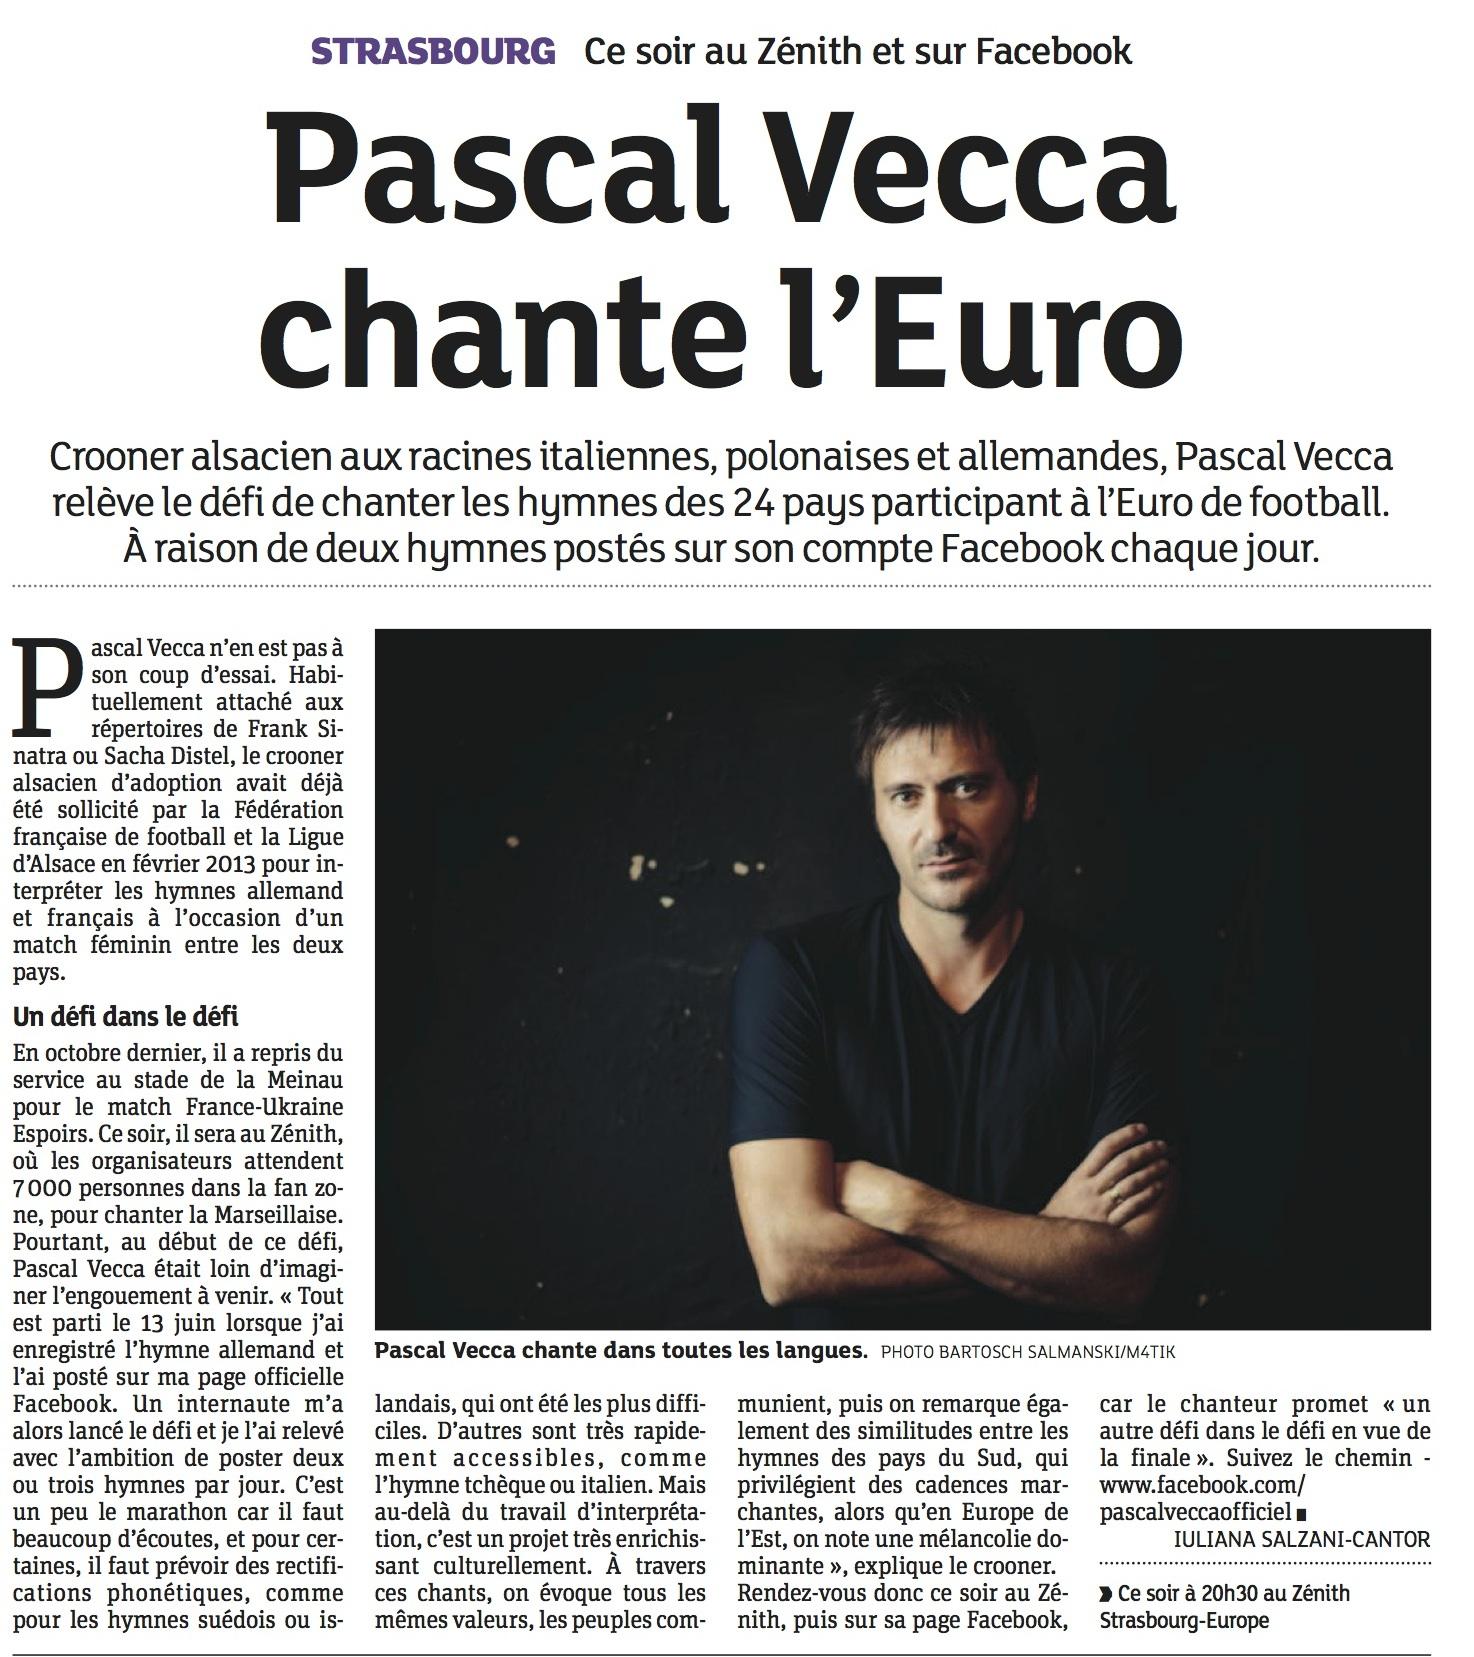 20160707-Pascal-Vecca-chante-leuro - cop